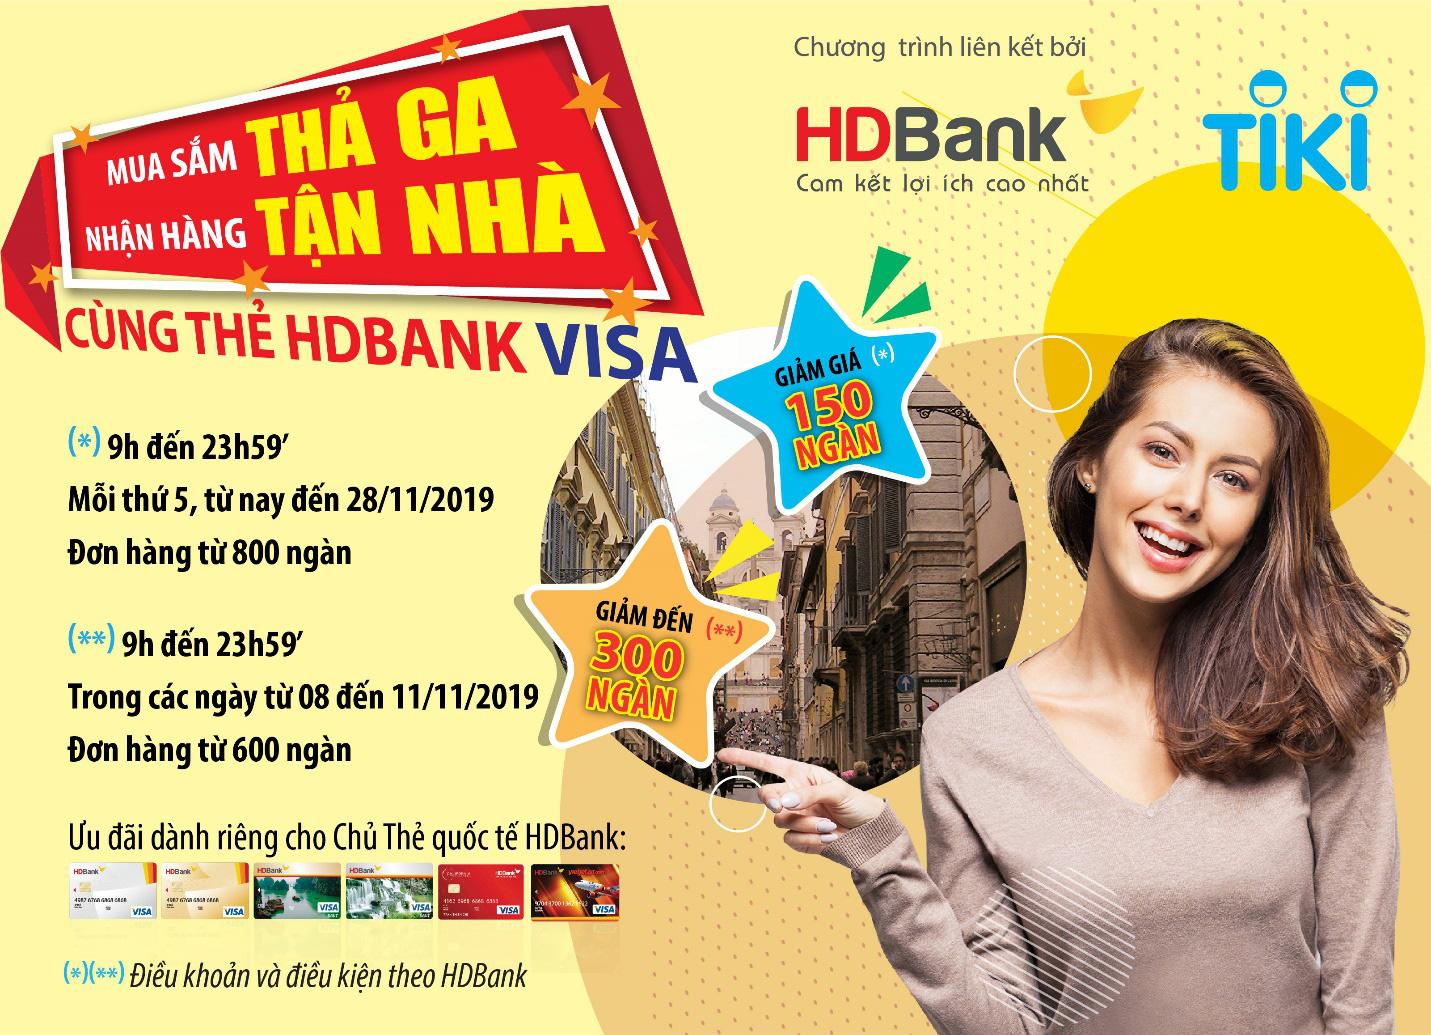 Chủ thẻ HDBank được ưu đãi lên đến 30% khi mua sắm cuối năm - Ảnh 2.